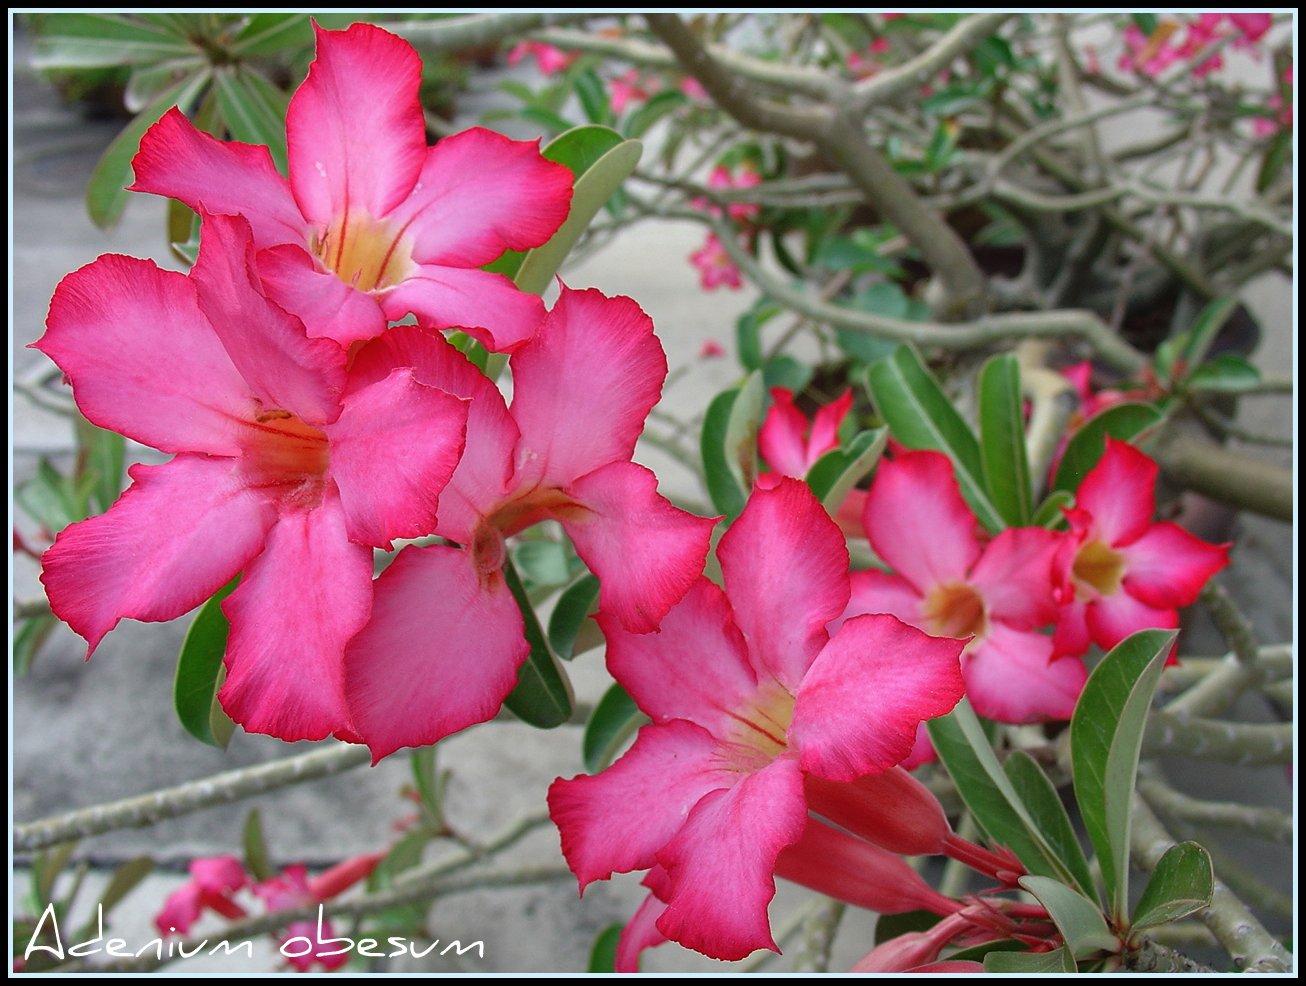 El Adenium obesum es una planta arbustiva